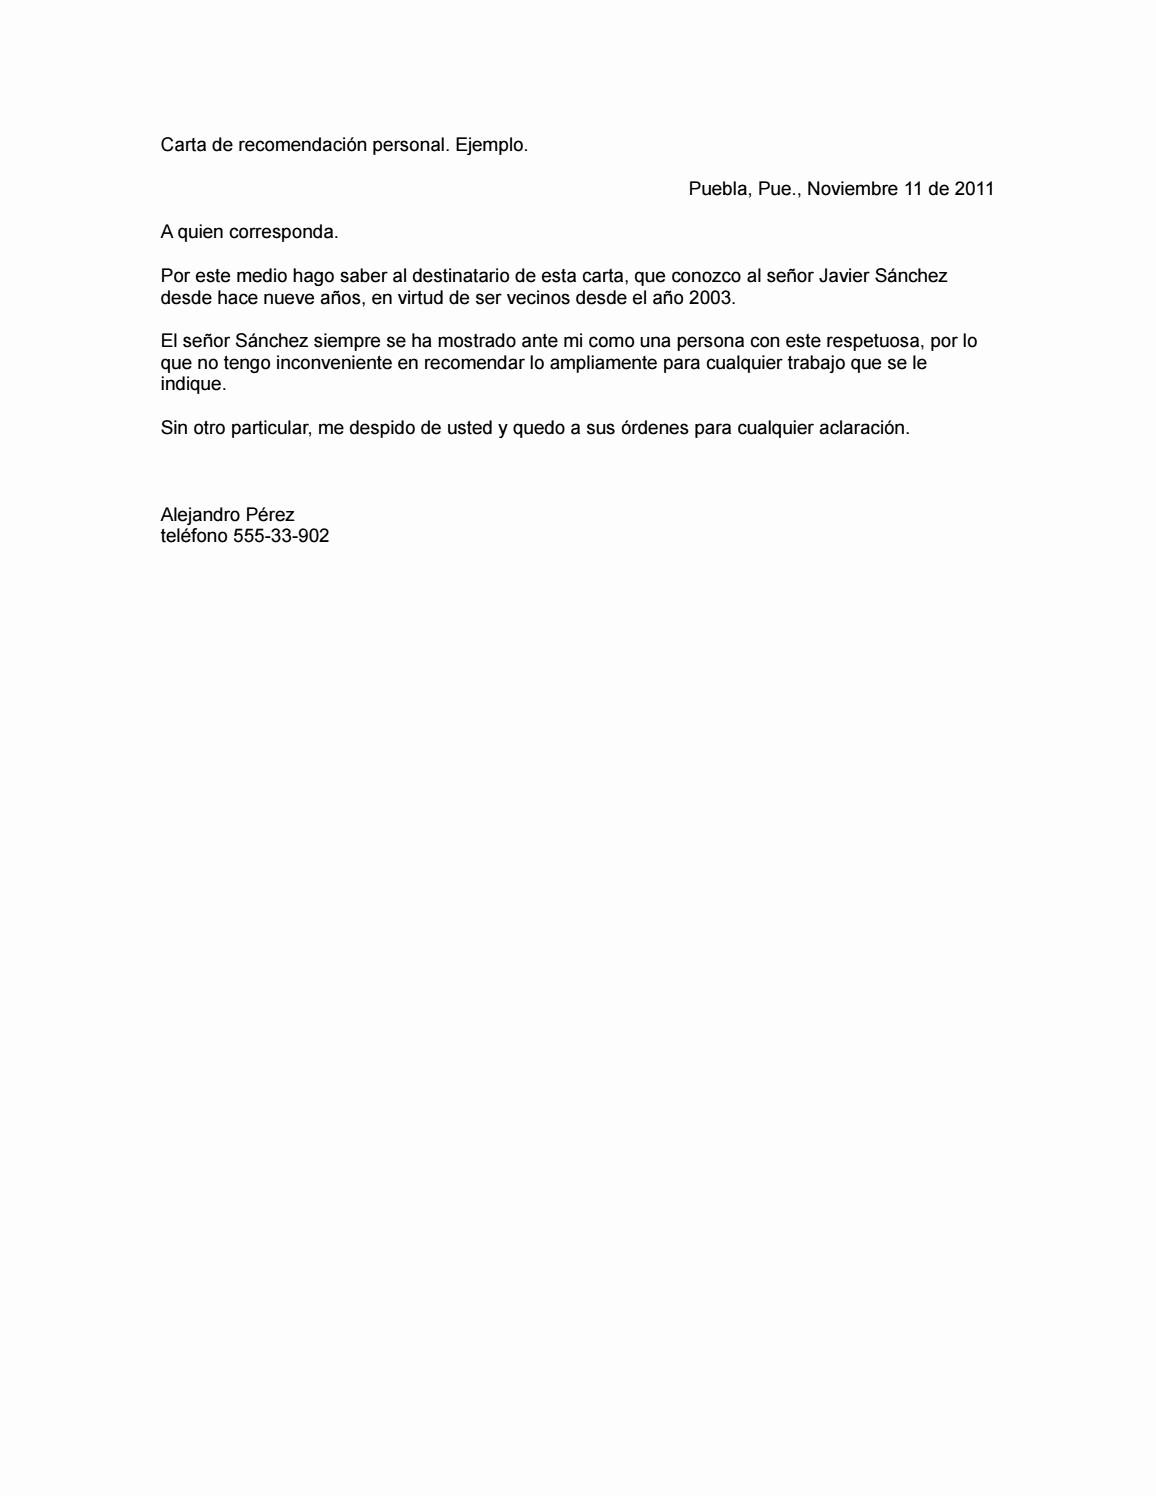 Cartas De Recomendacion Personal Ejemplos Luxury Carta De Re Endacion Personal by Jeniffer tobar issuu